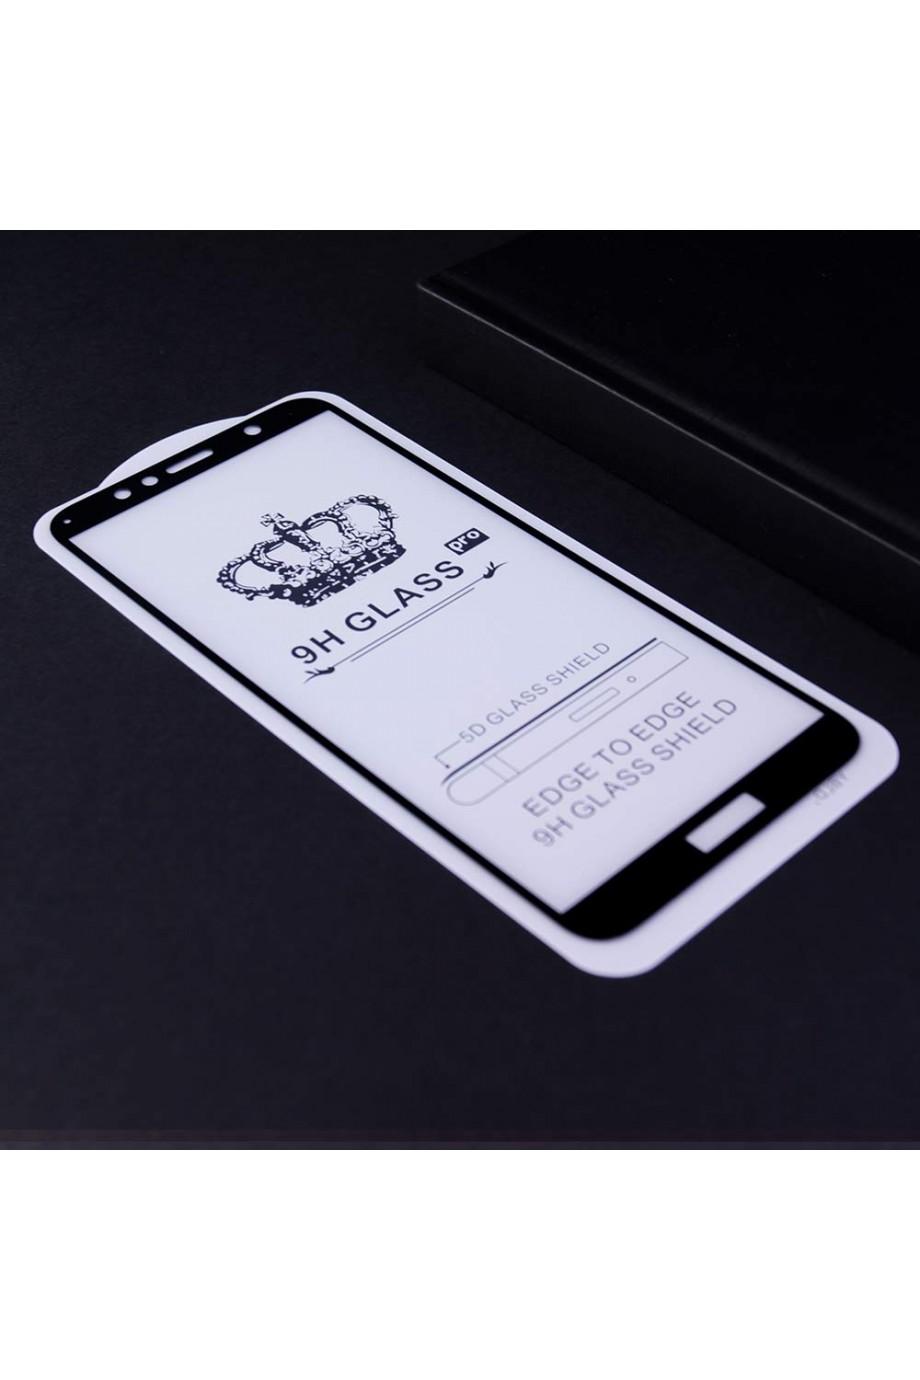 Защитное стекло 5D Glass Pro для Huawei Honor 7A Pro, черная рамка, полный клей